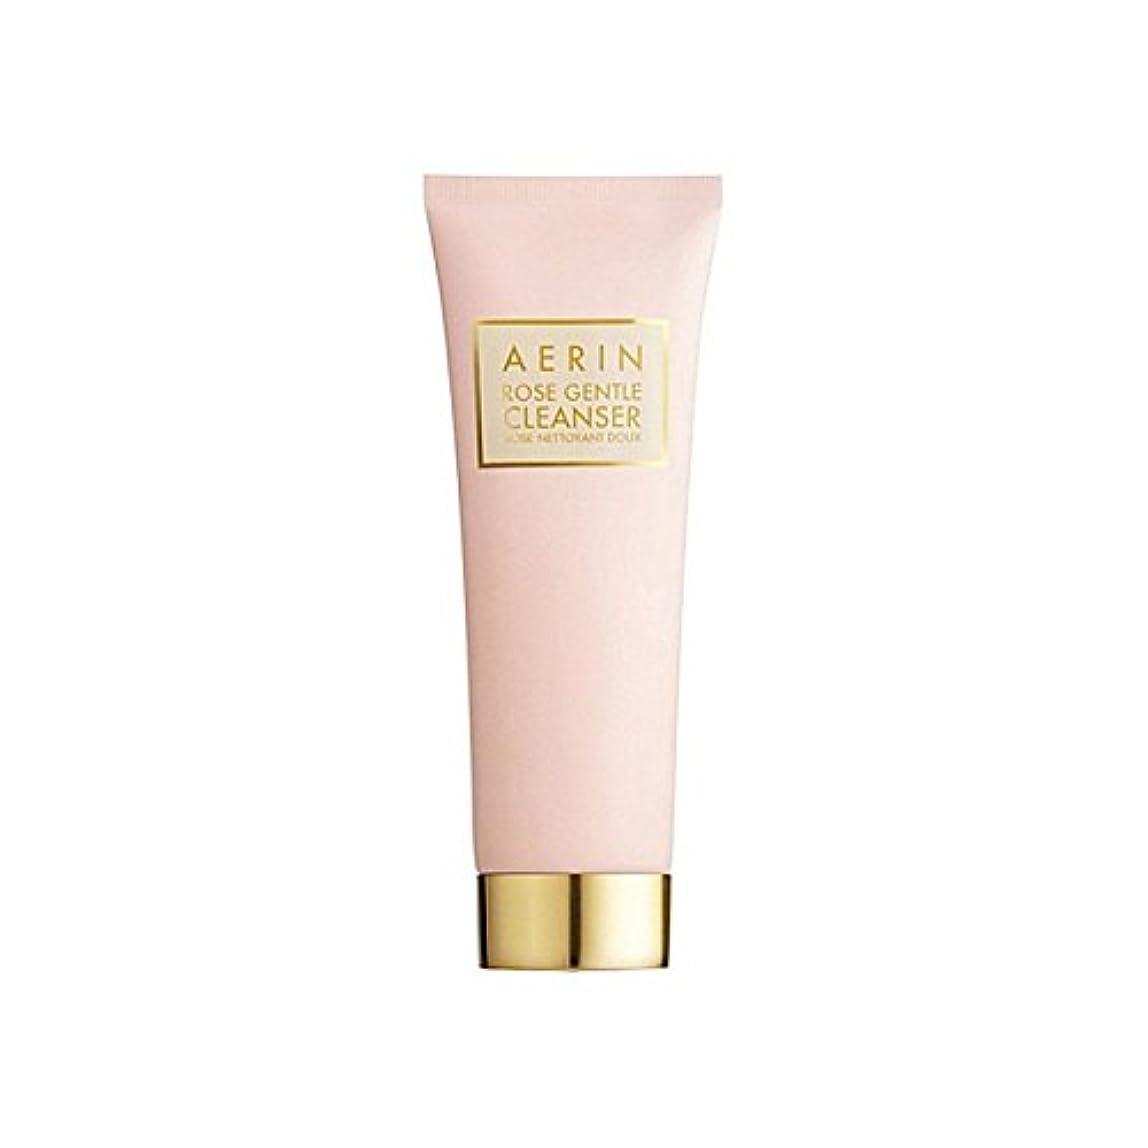 核すり可能Aerin Rose Gentle Cleanser 125ml (Pack of 6) - はジェントルクレンザーの125ミリリットルをバラ x6 [並行輸入品]